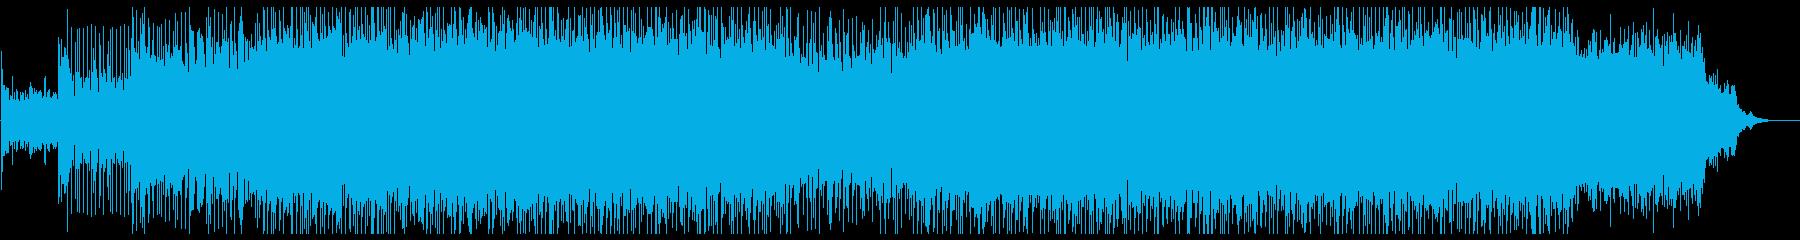 躍動感あふれる軽快なポップスです。の再生済みの波形